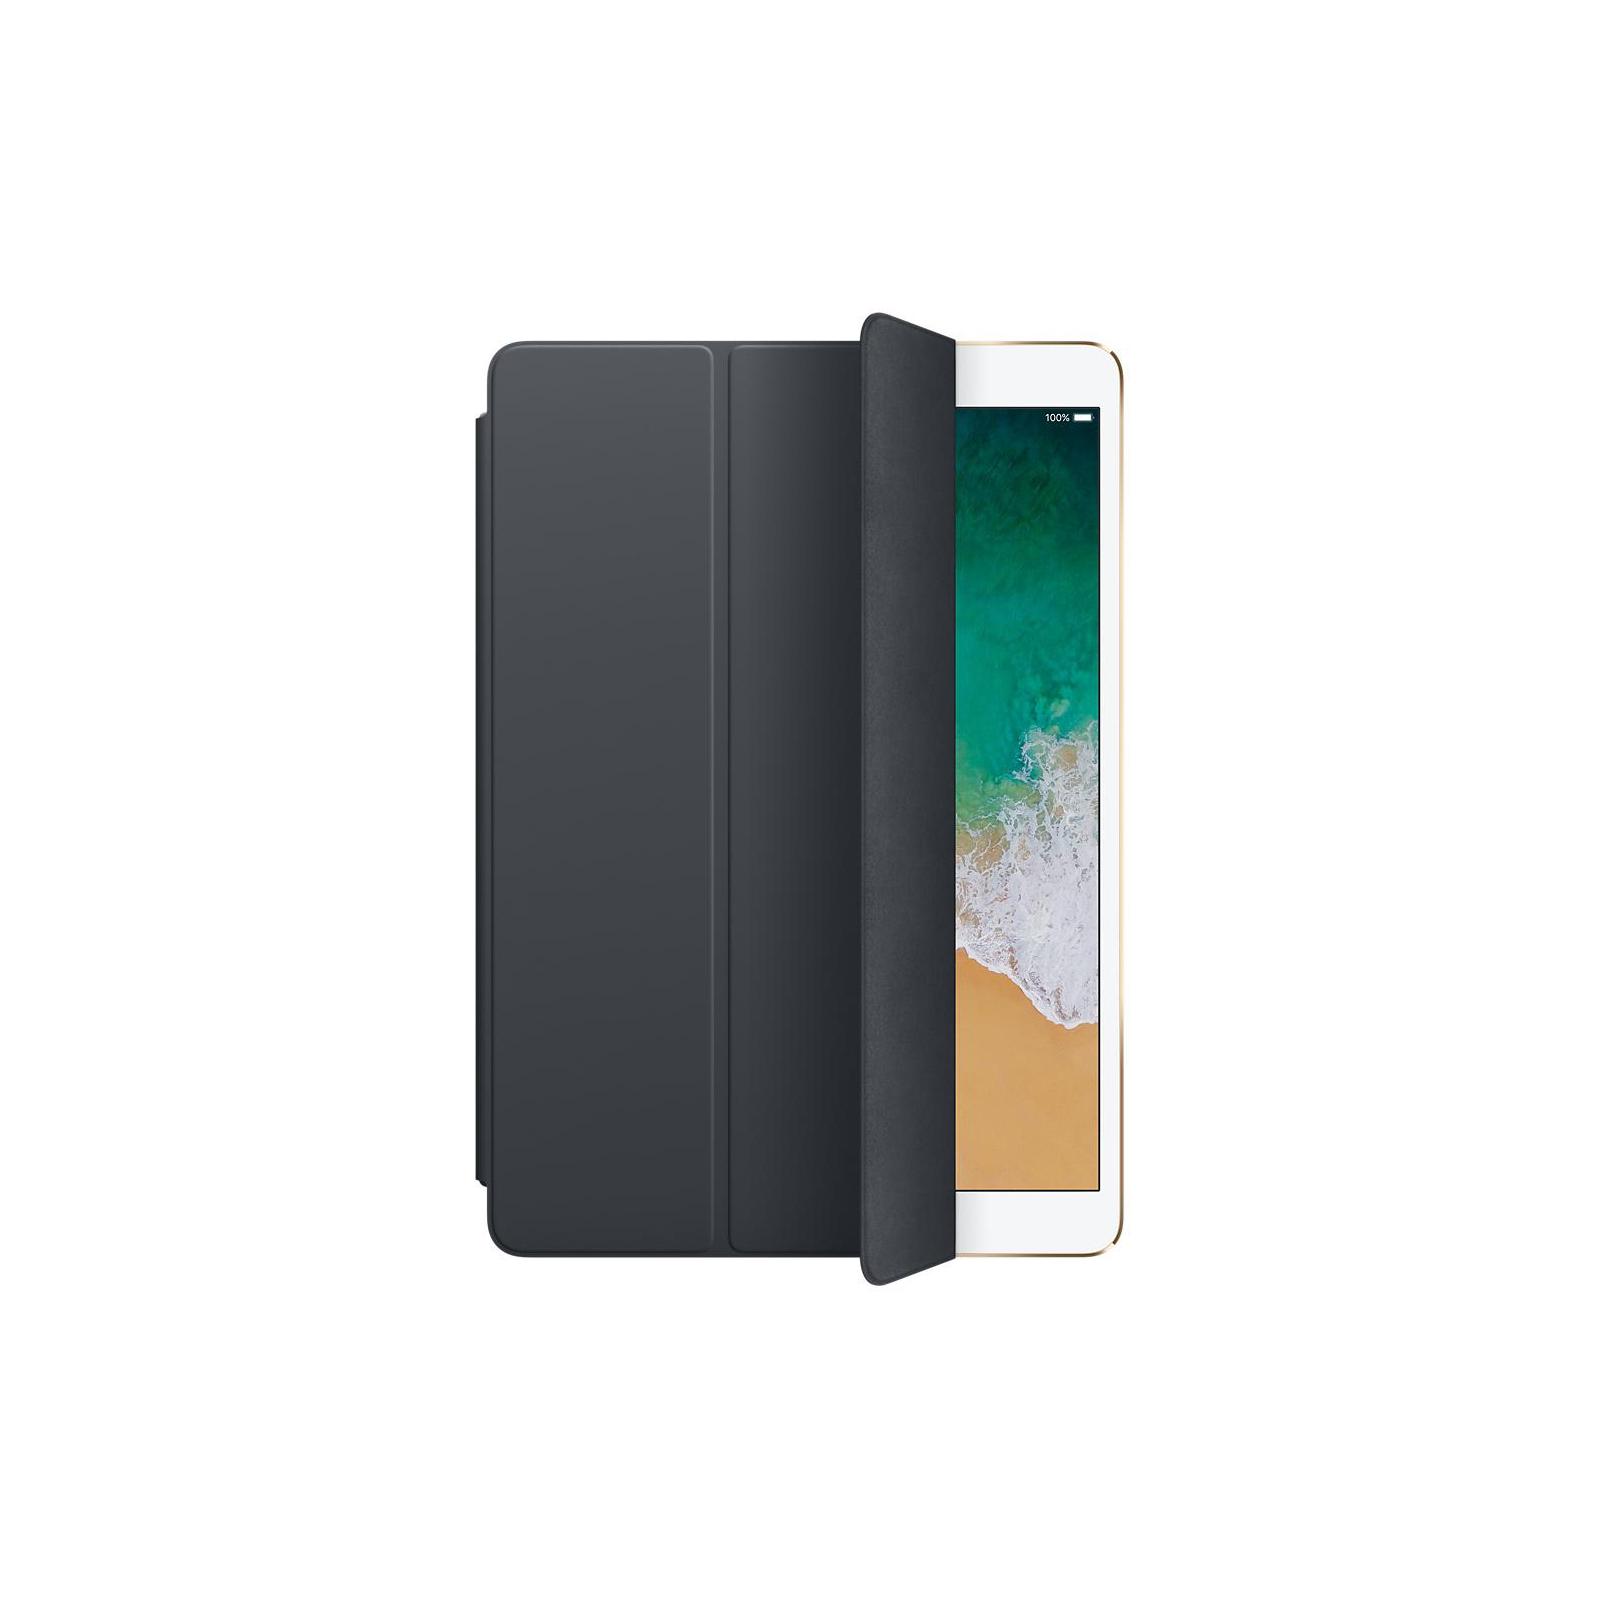 Чехол для планшета Apple Smart Cover for 10.5‑inch iPad Pro - Charcoal Gray (MQ082ZM/A) изображение 2